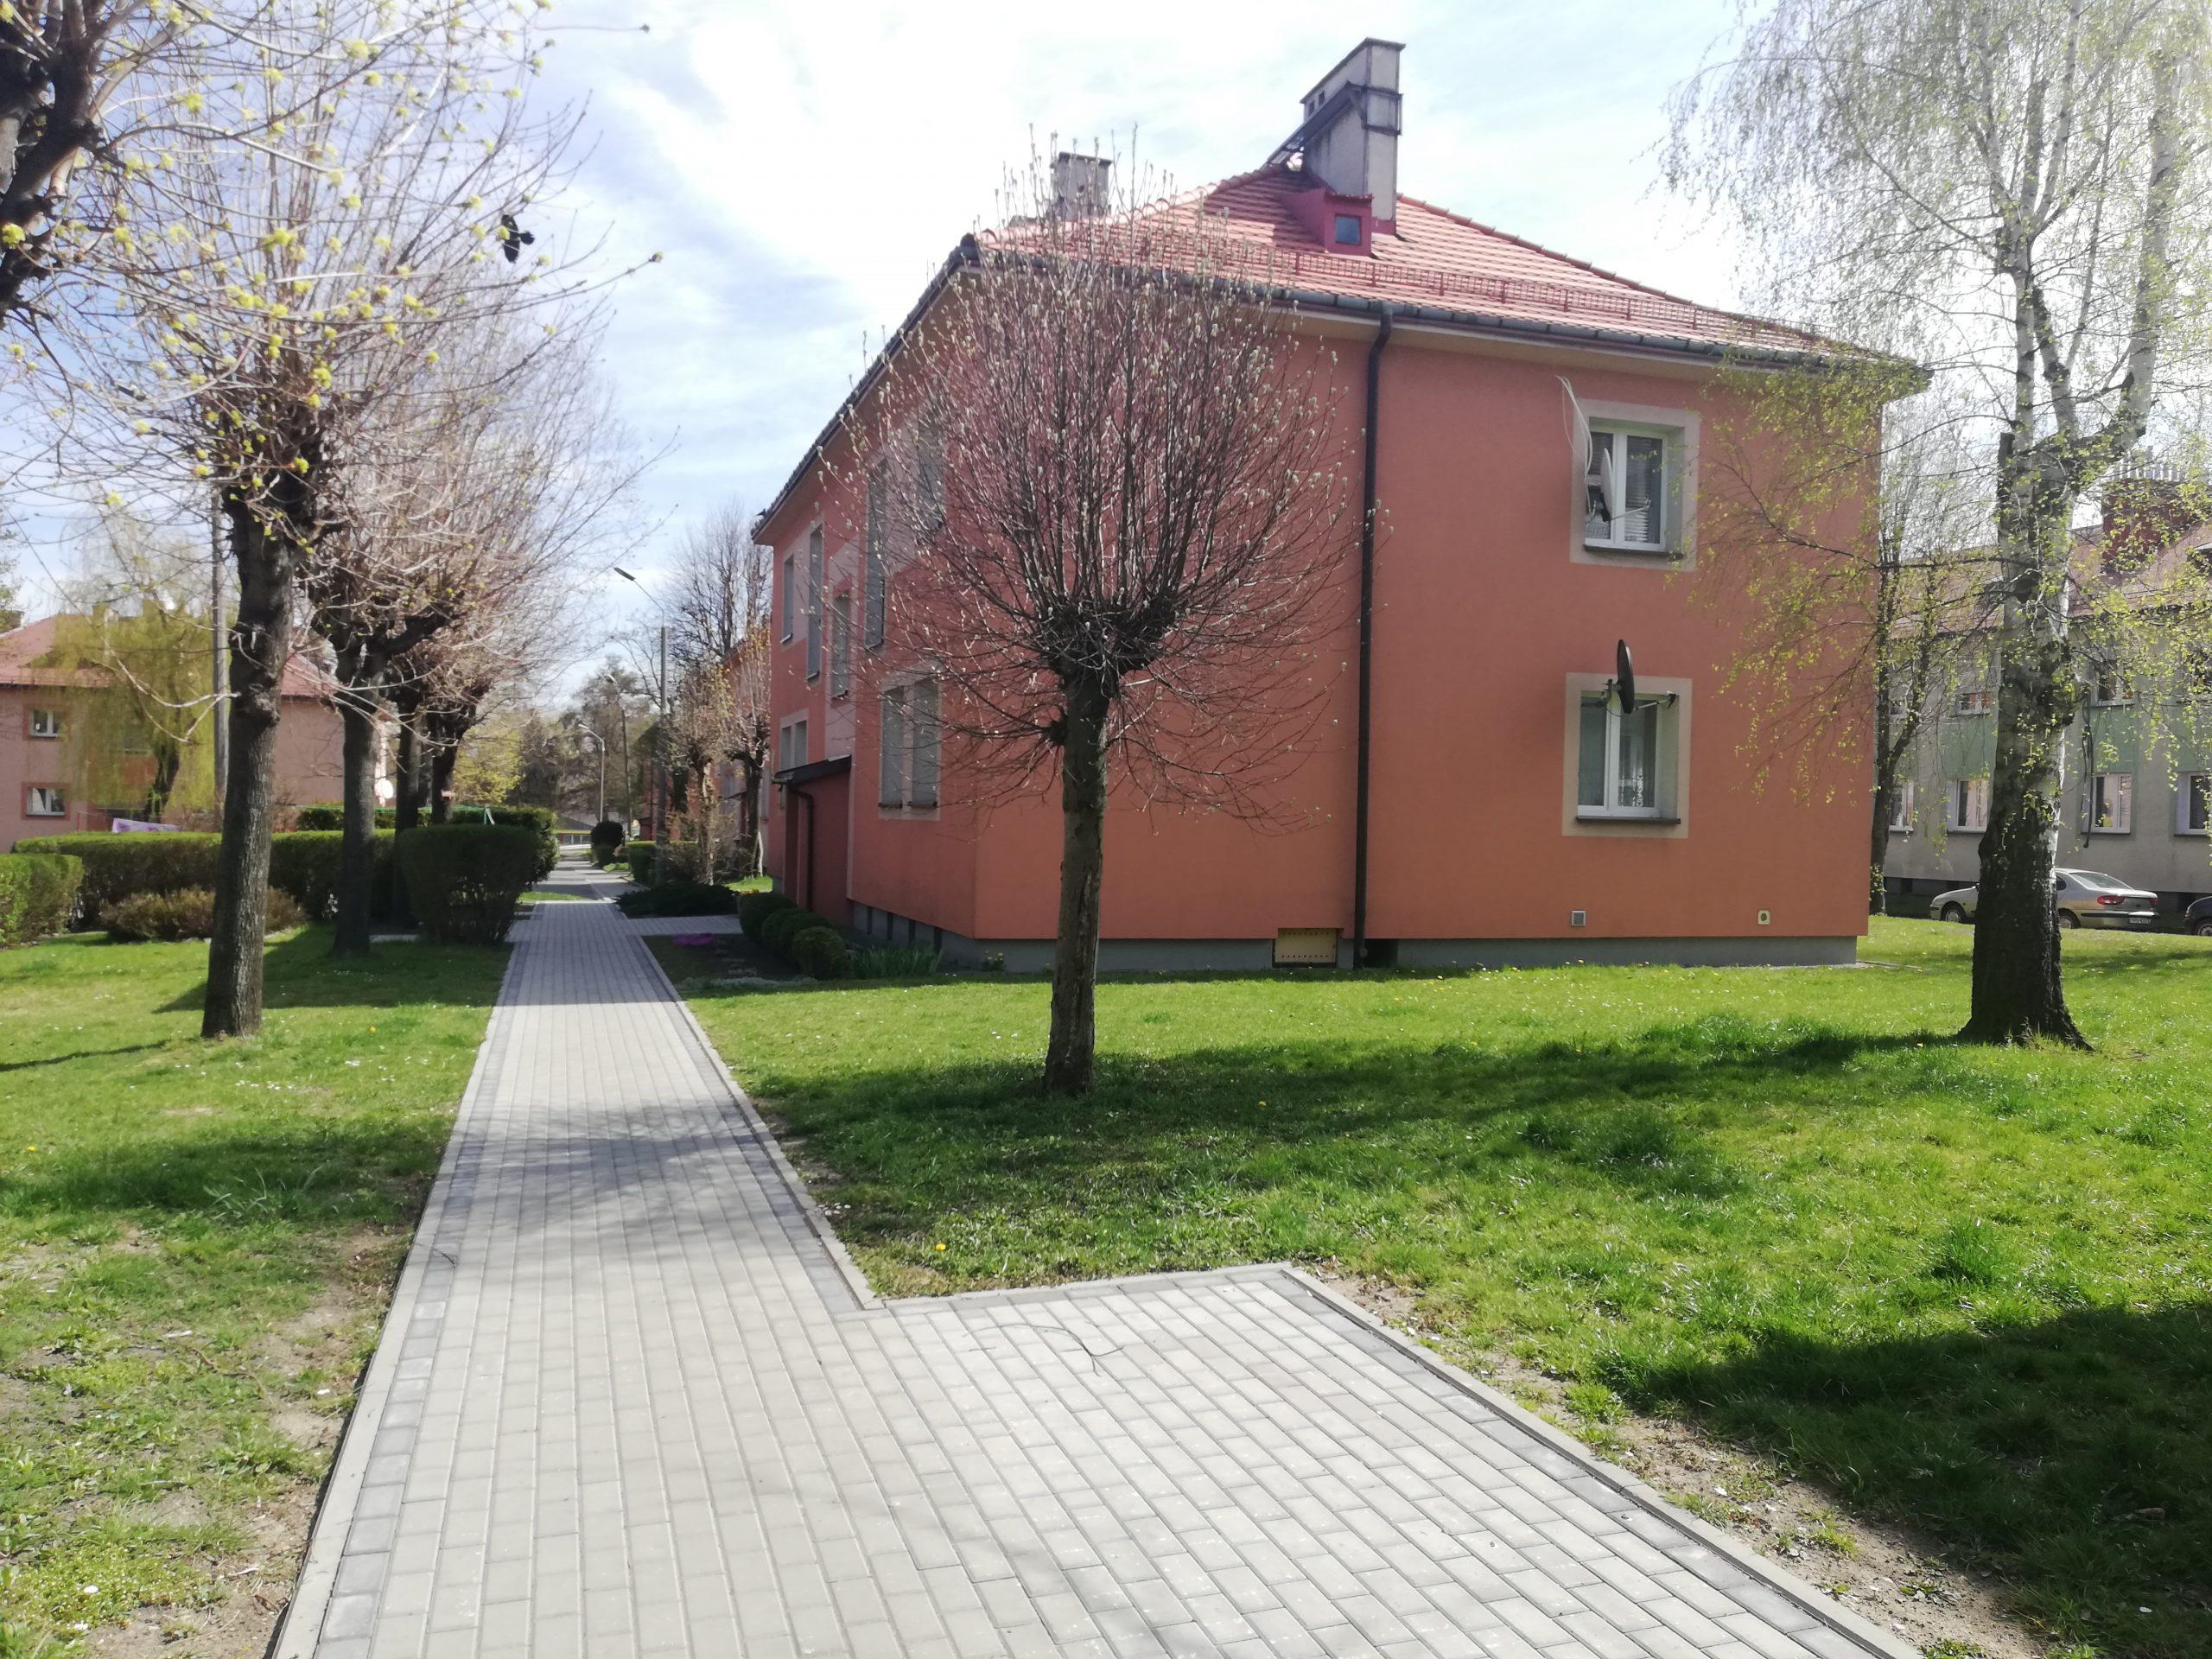 Zarządzanie nieruchomościami w Czerwionce-Leszczynach